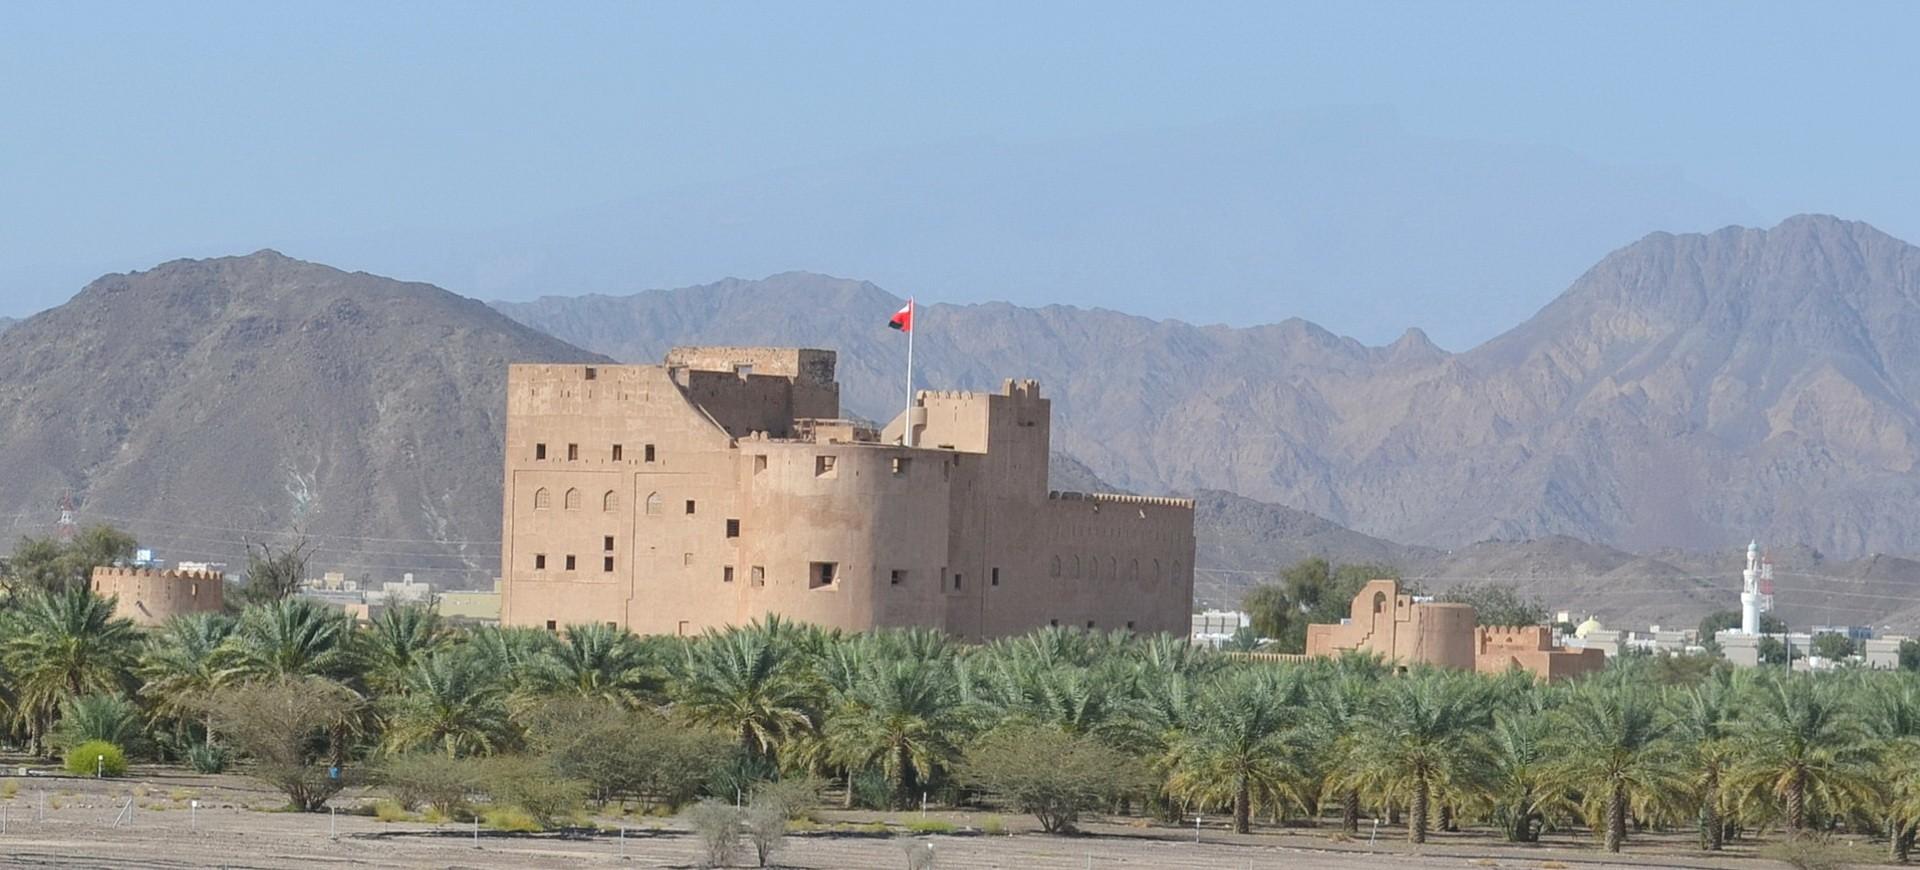 Circuit combiné Oman et Dubai en 13 jours